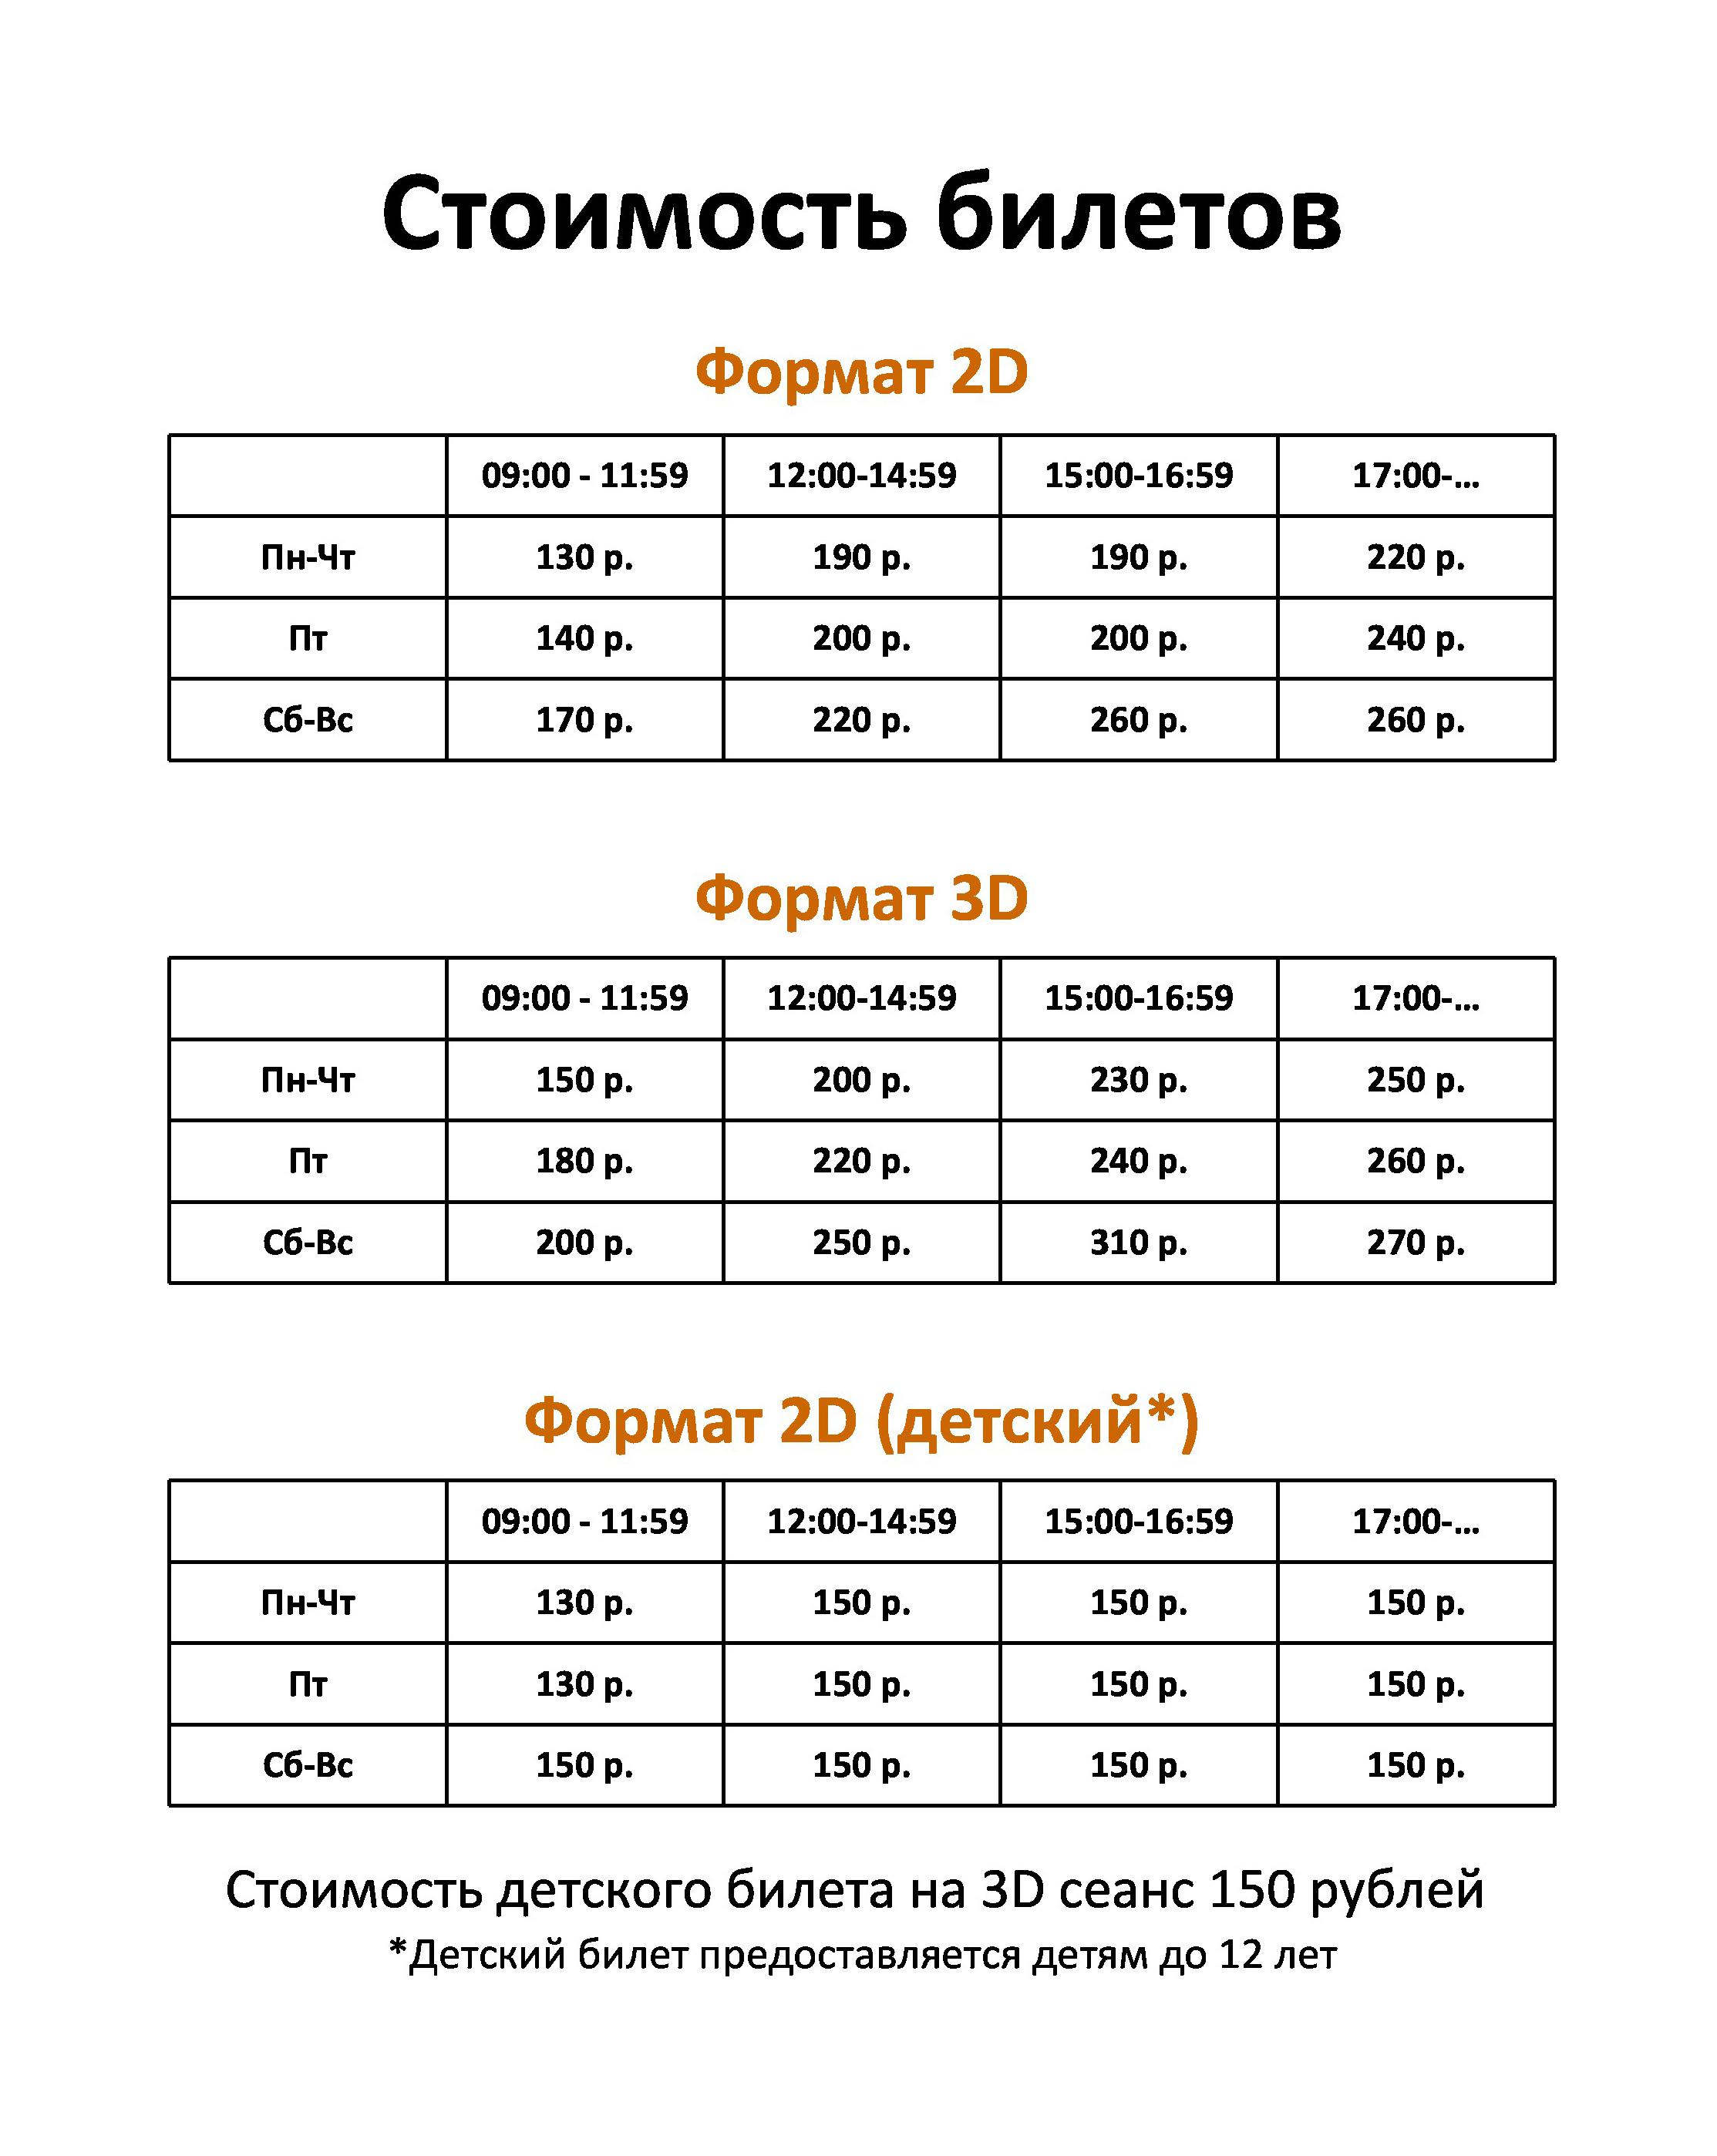 Афиша кино атмосфера на 4 апреля концерт в москве купить билеты